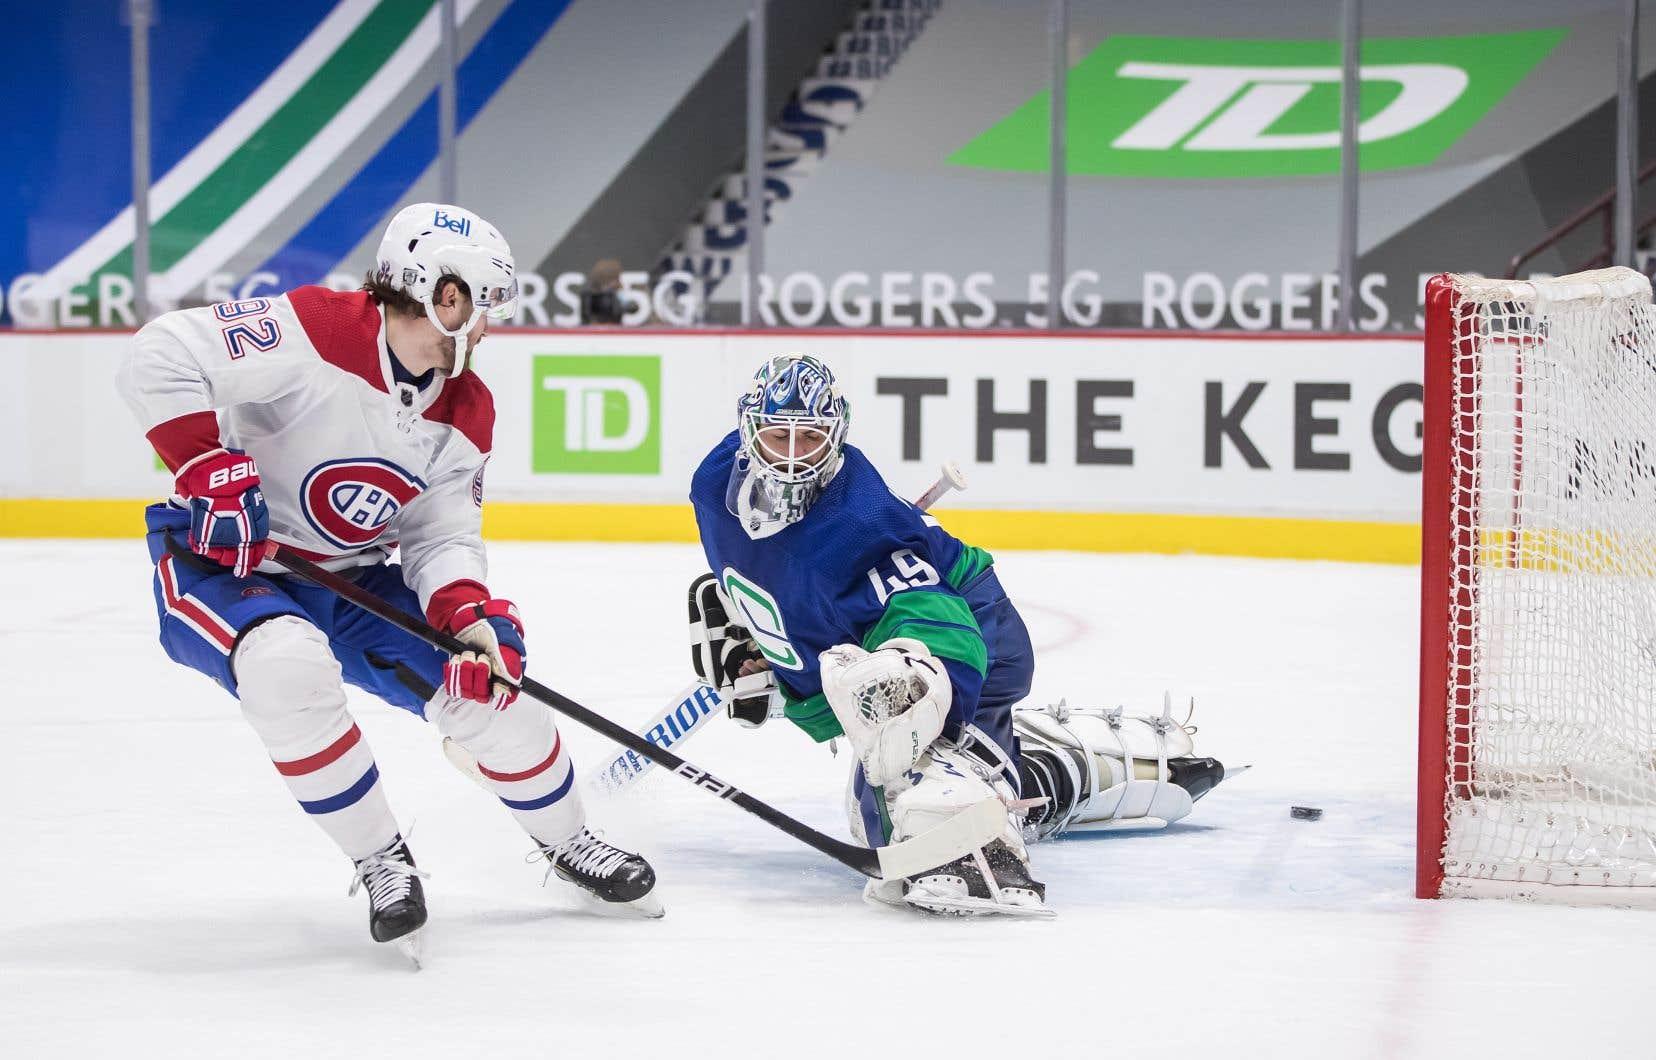 Le Canadien Jonathan Drouin marque un but devant Braden Holtby, des Canucks, durant un match à Vancouver le 23 janvier dernier.